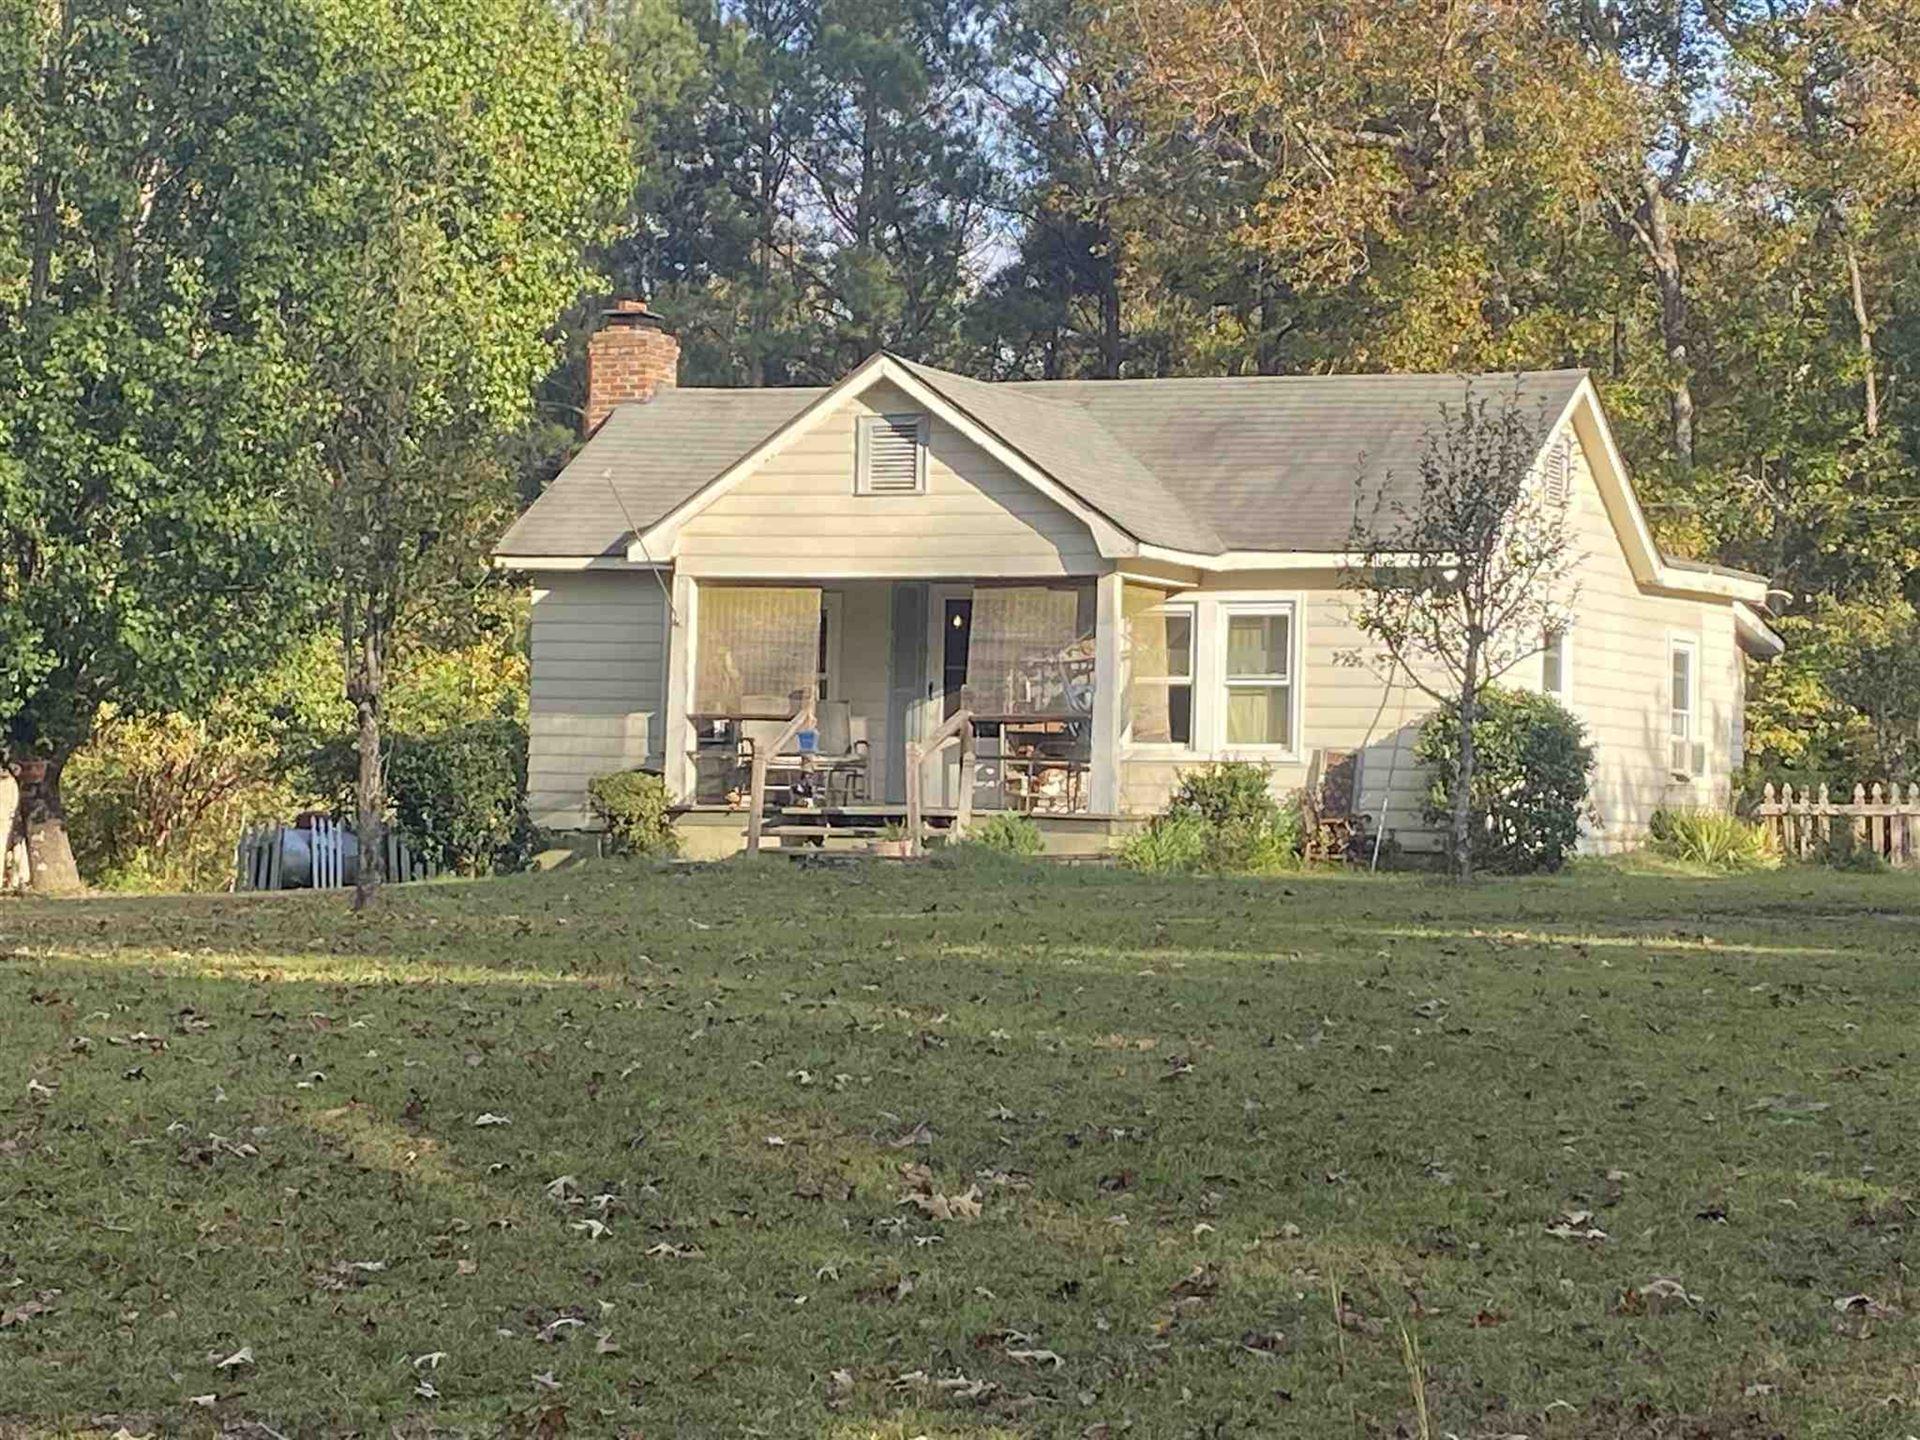 177 Pineway Dr, Milledgeville, GA 31061 - MLS#: 8887929